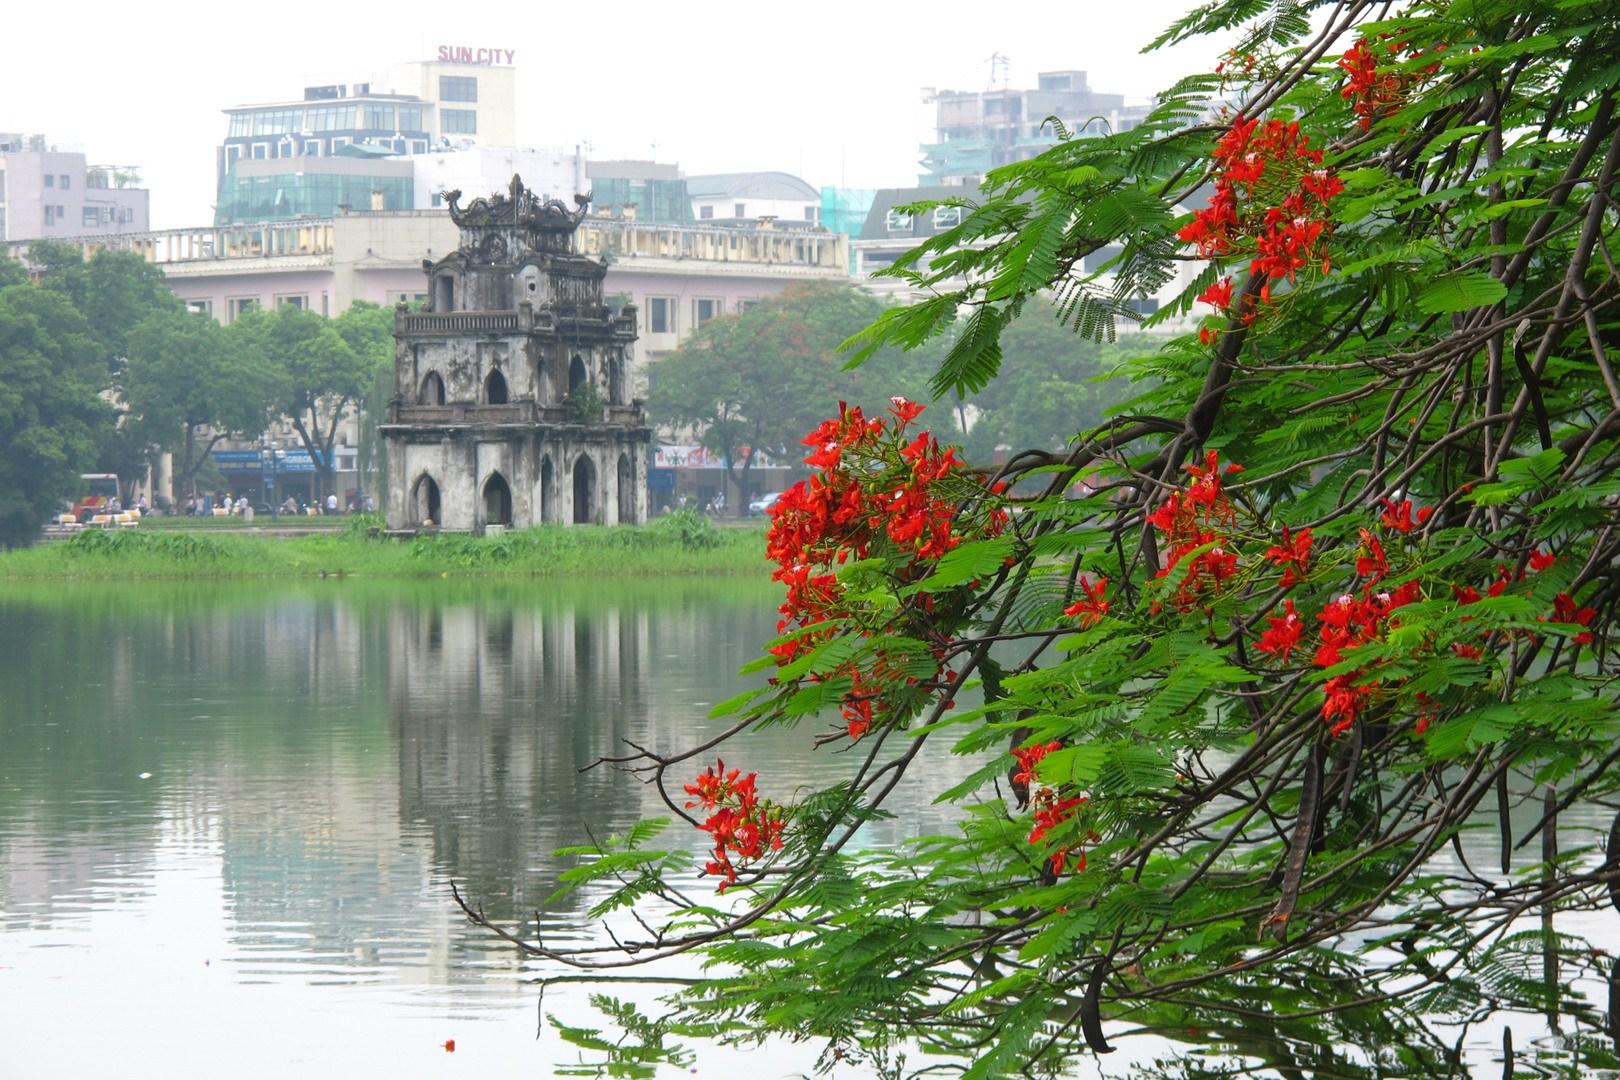 Du lịch Hà Nội có nên tham quan Hồ Hoàn Kiếm? | Viet Fun Travel